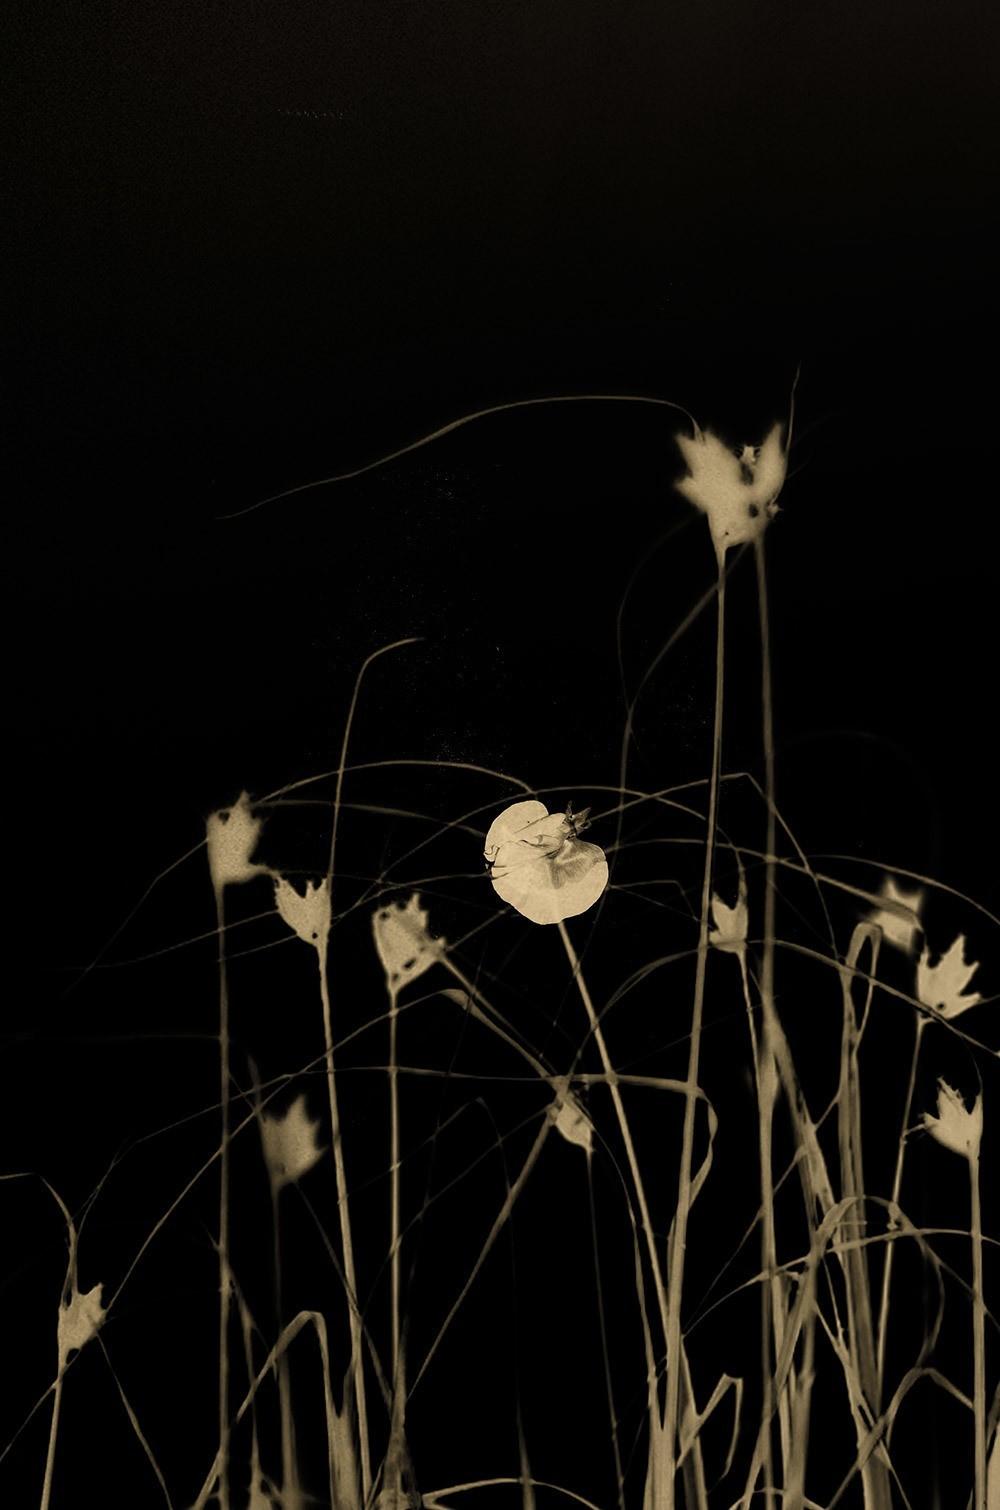 Цветы дюн, 2018. Фотограф Пол Купидо